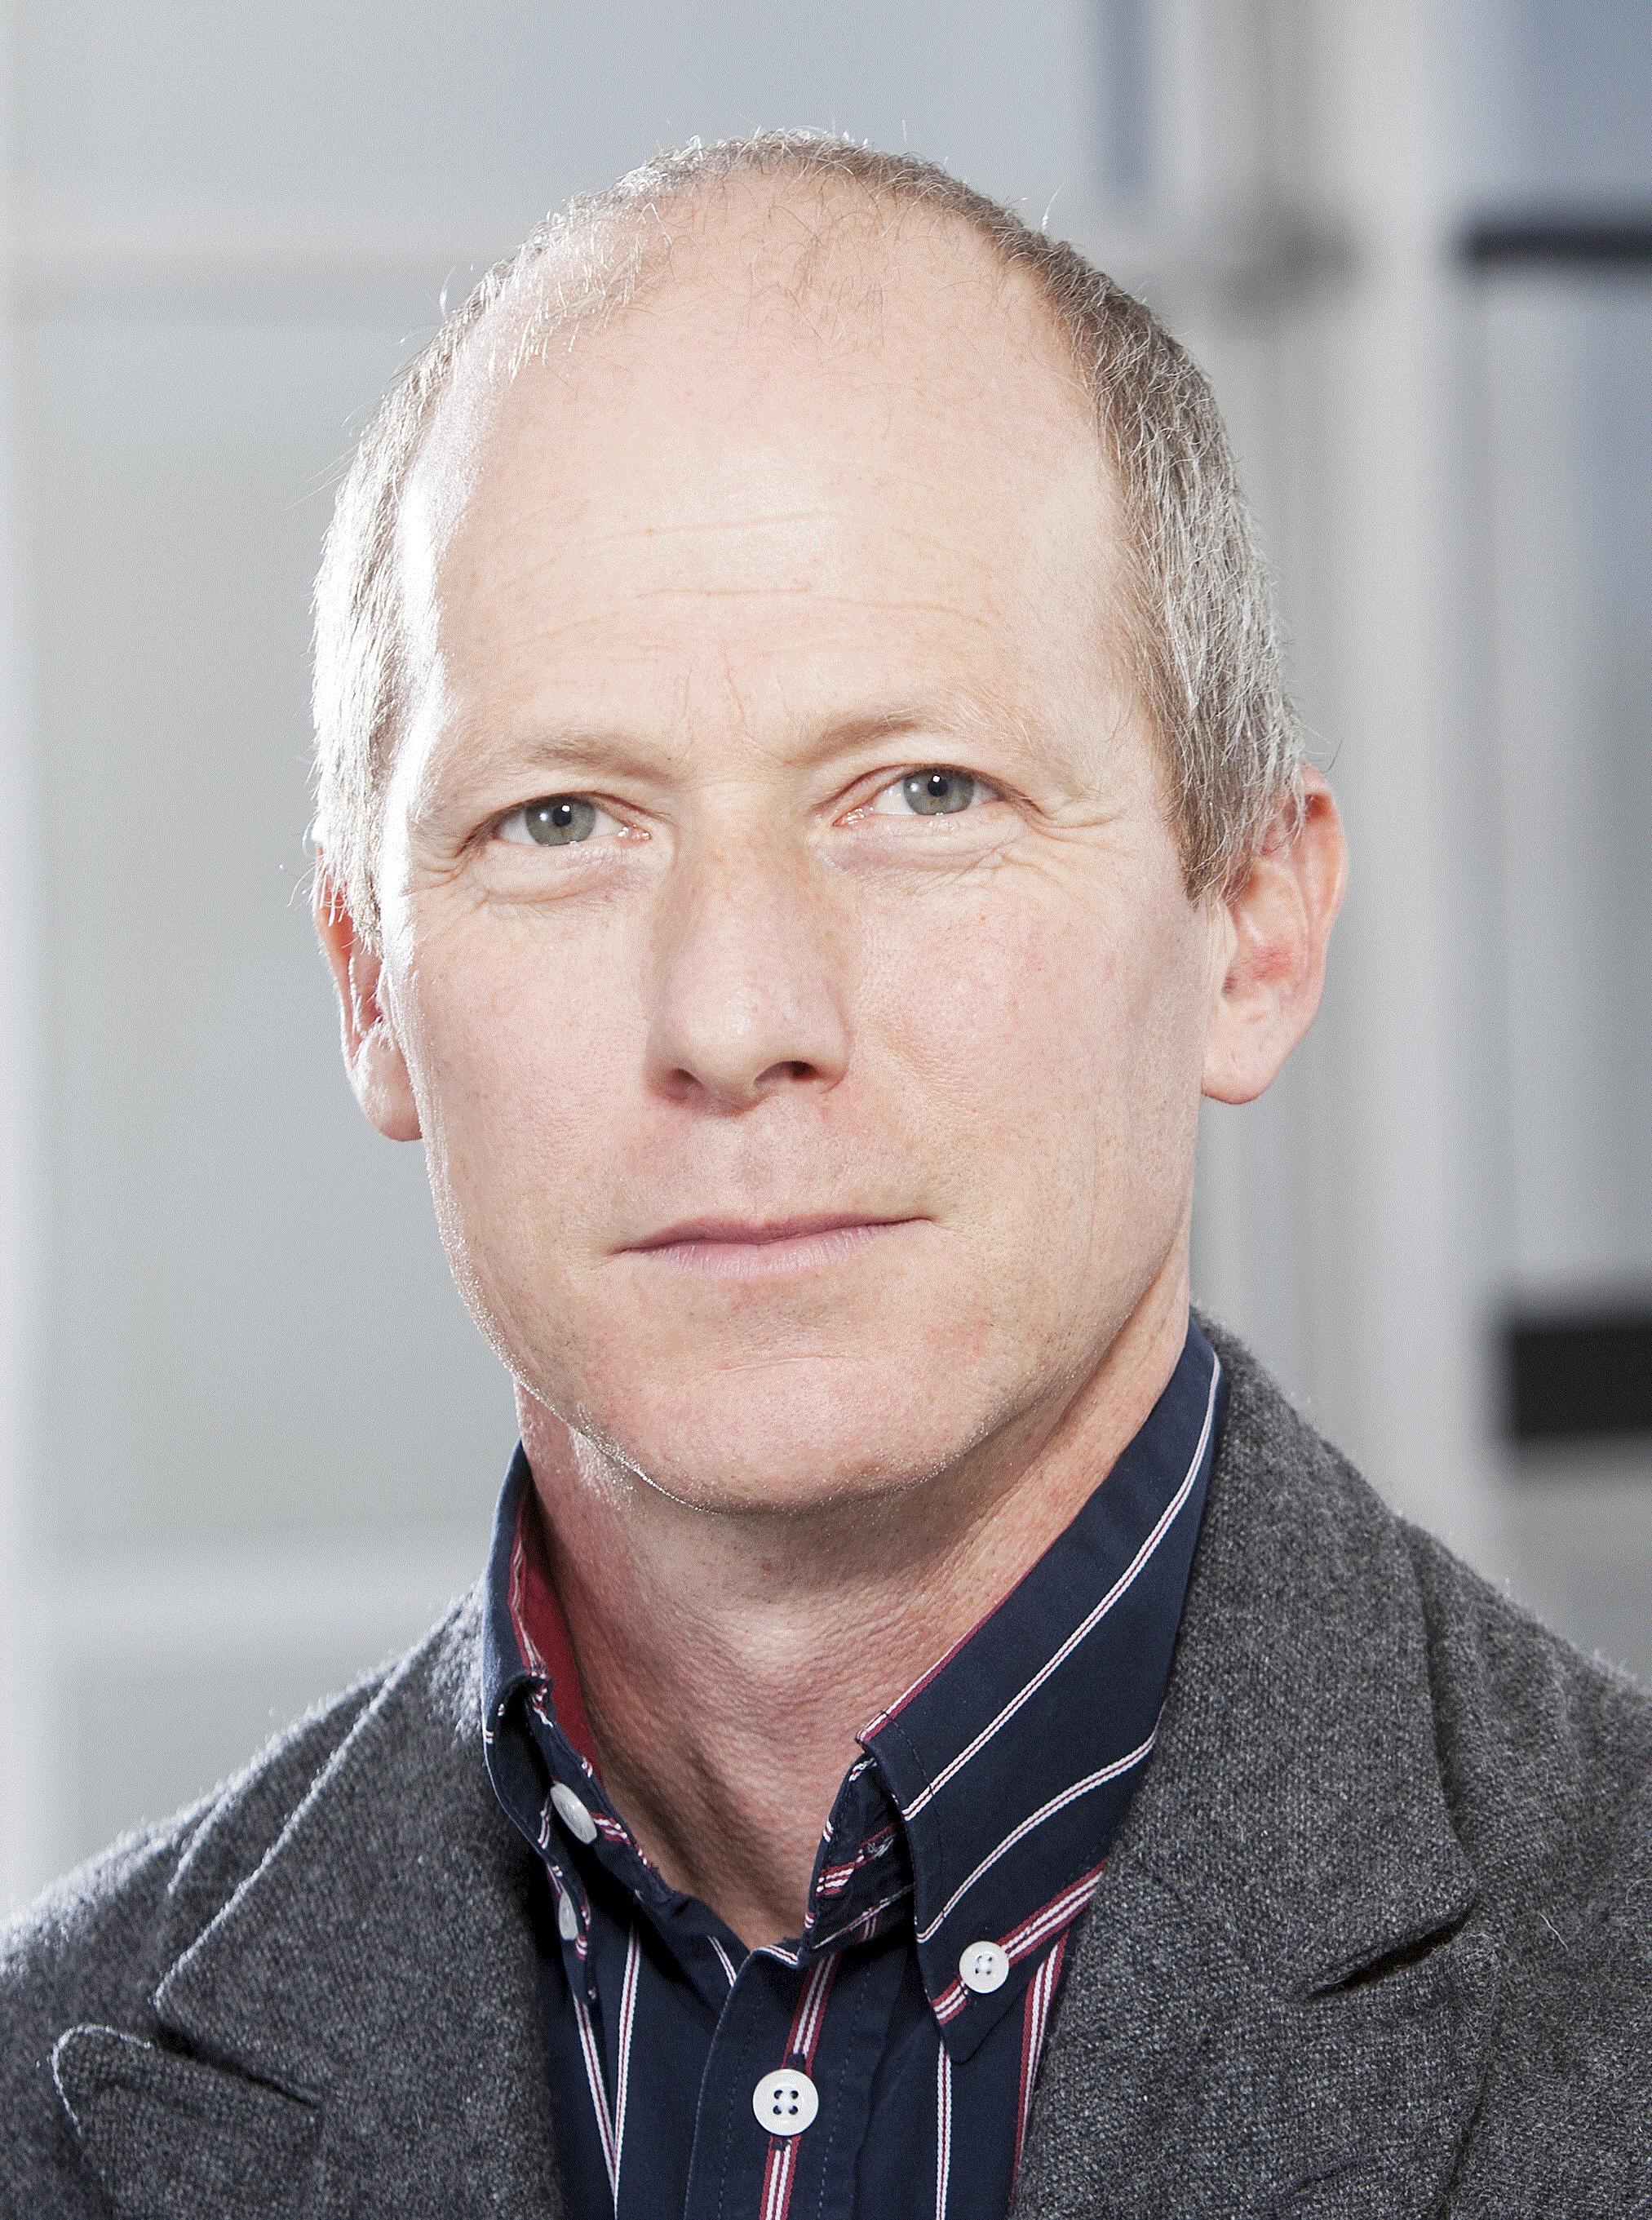 Paul Greenhalgh